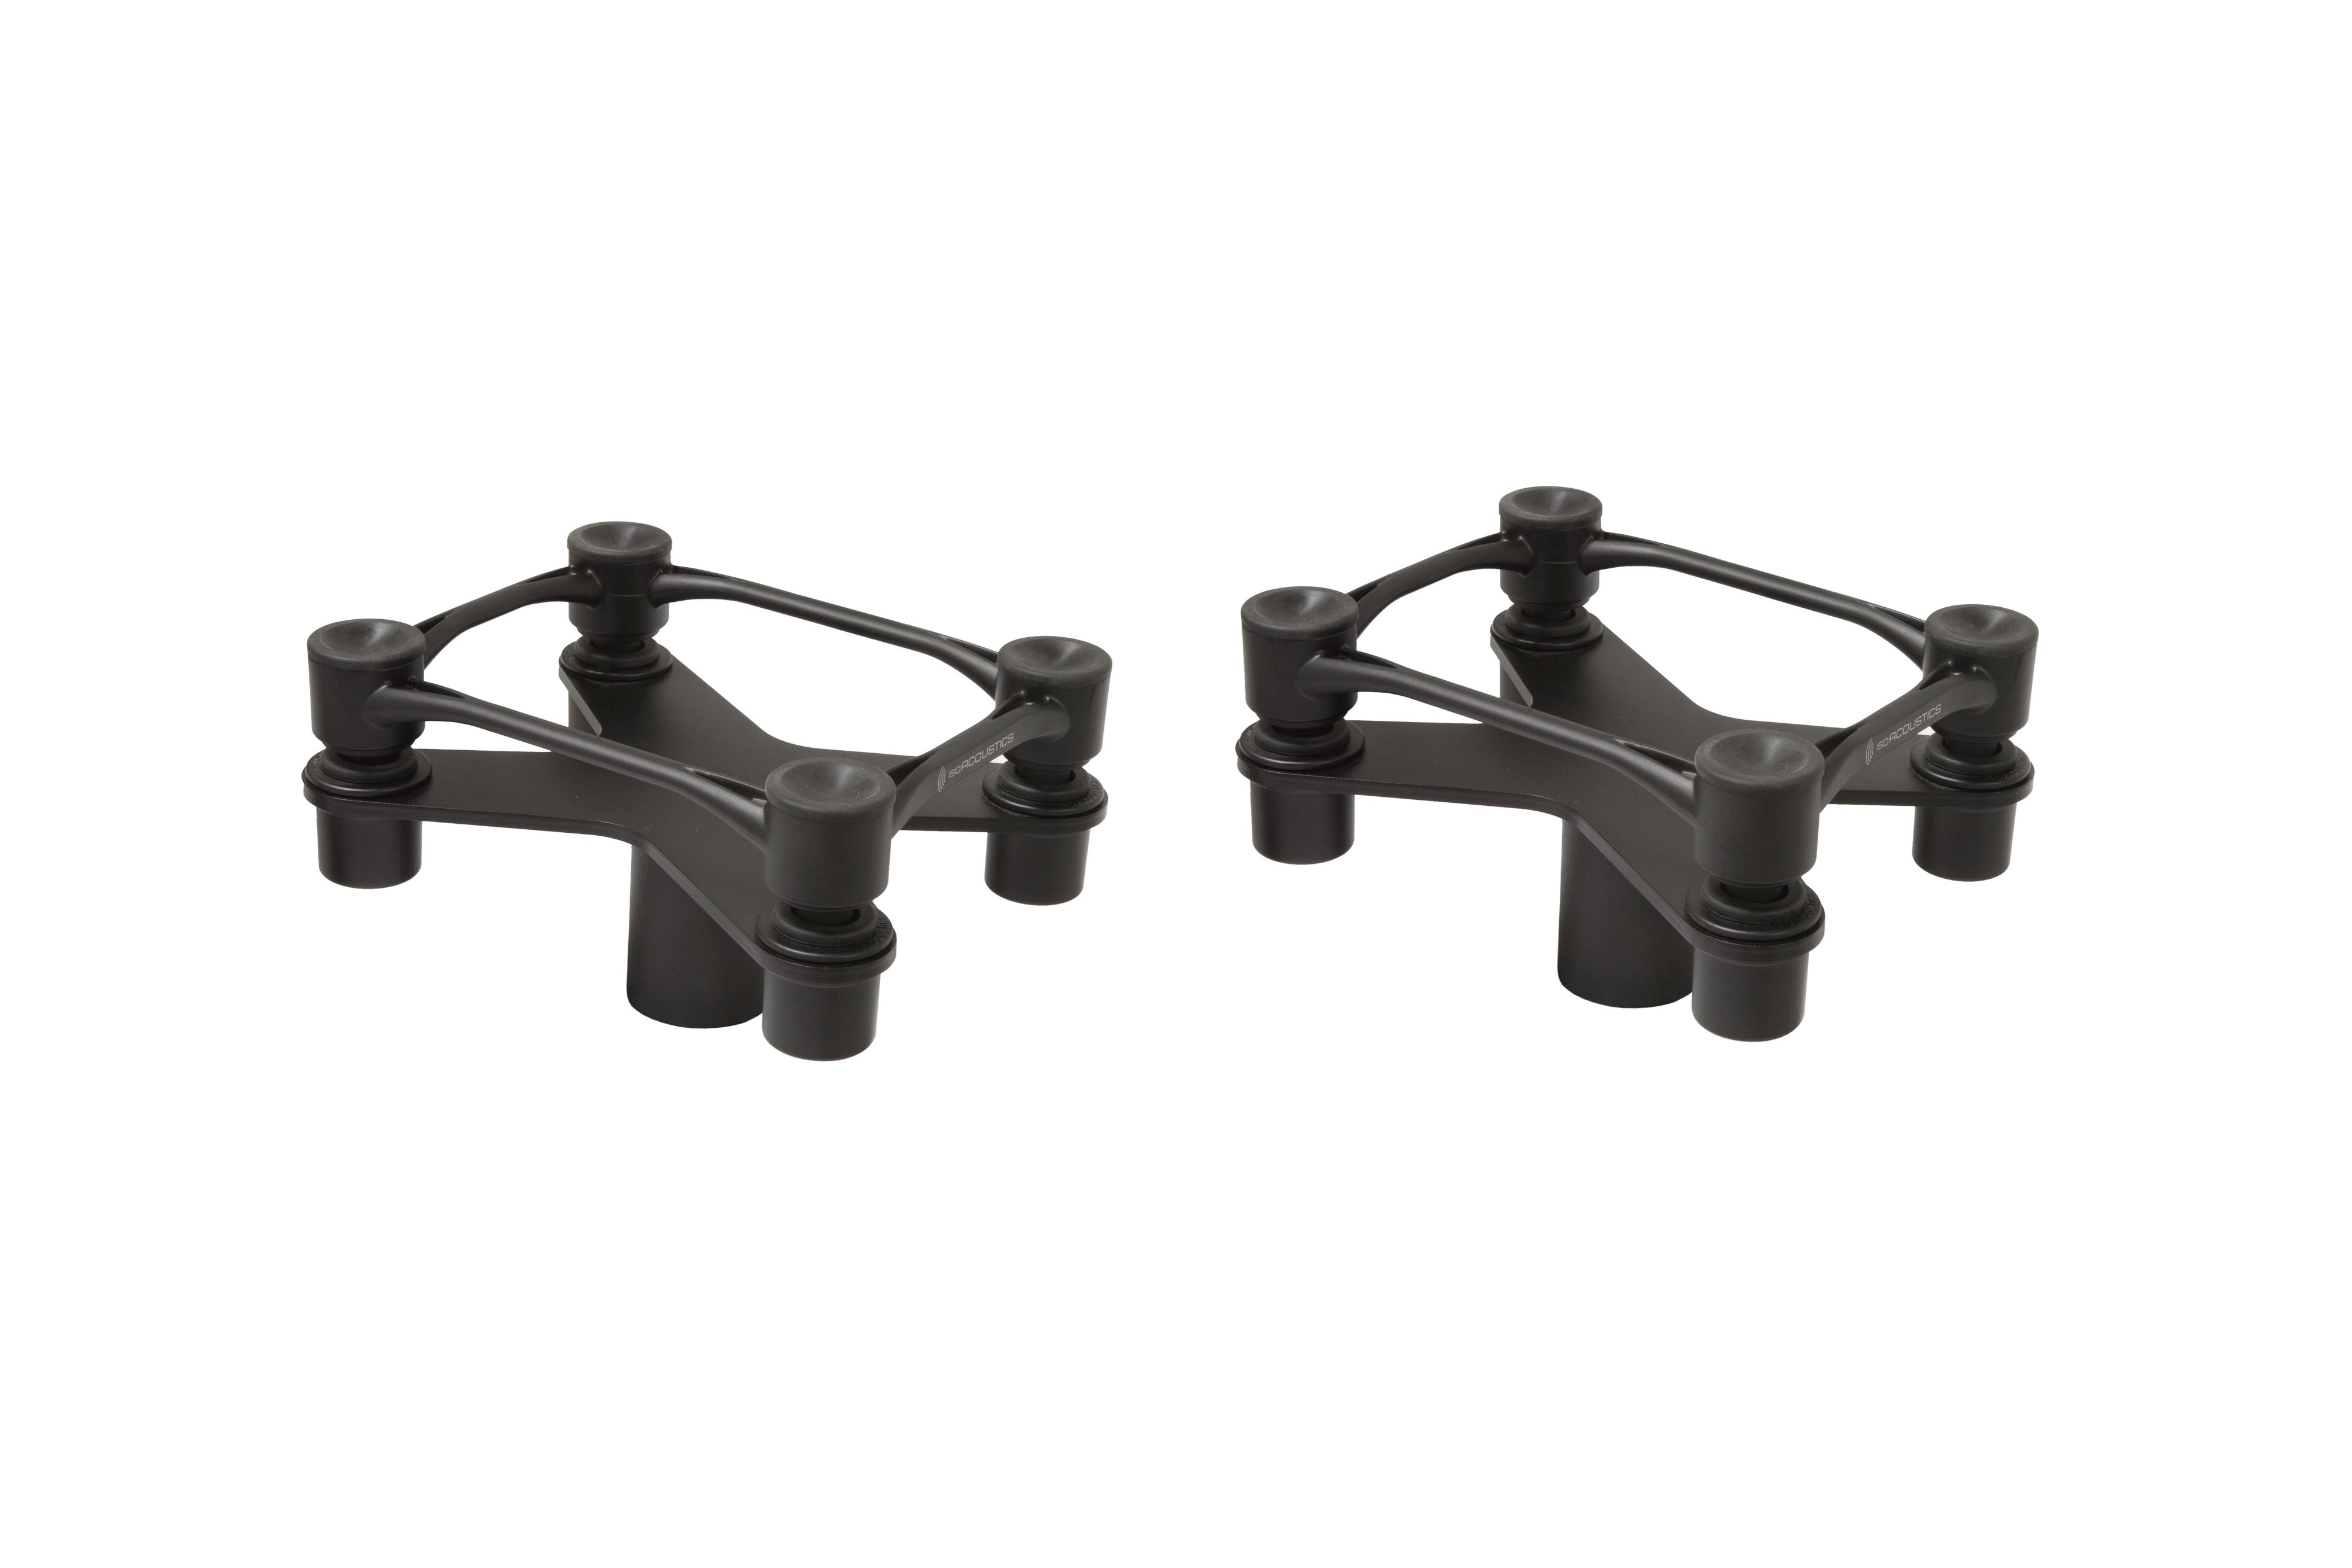 IsoAcoustics Speaker Platform Add-On for Aperta 200